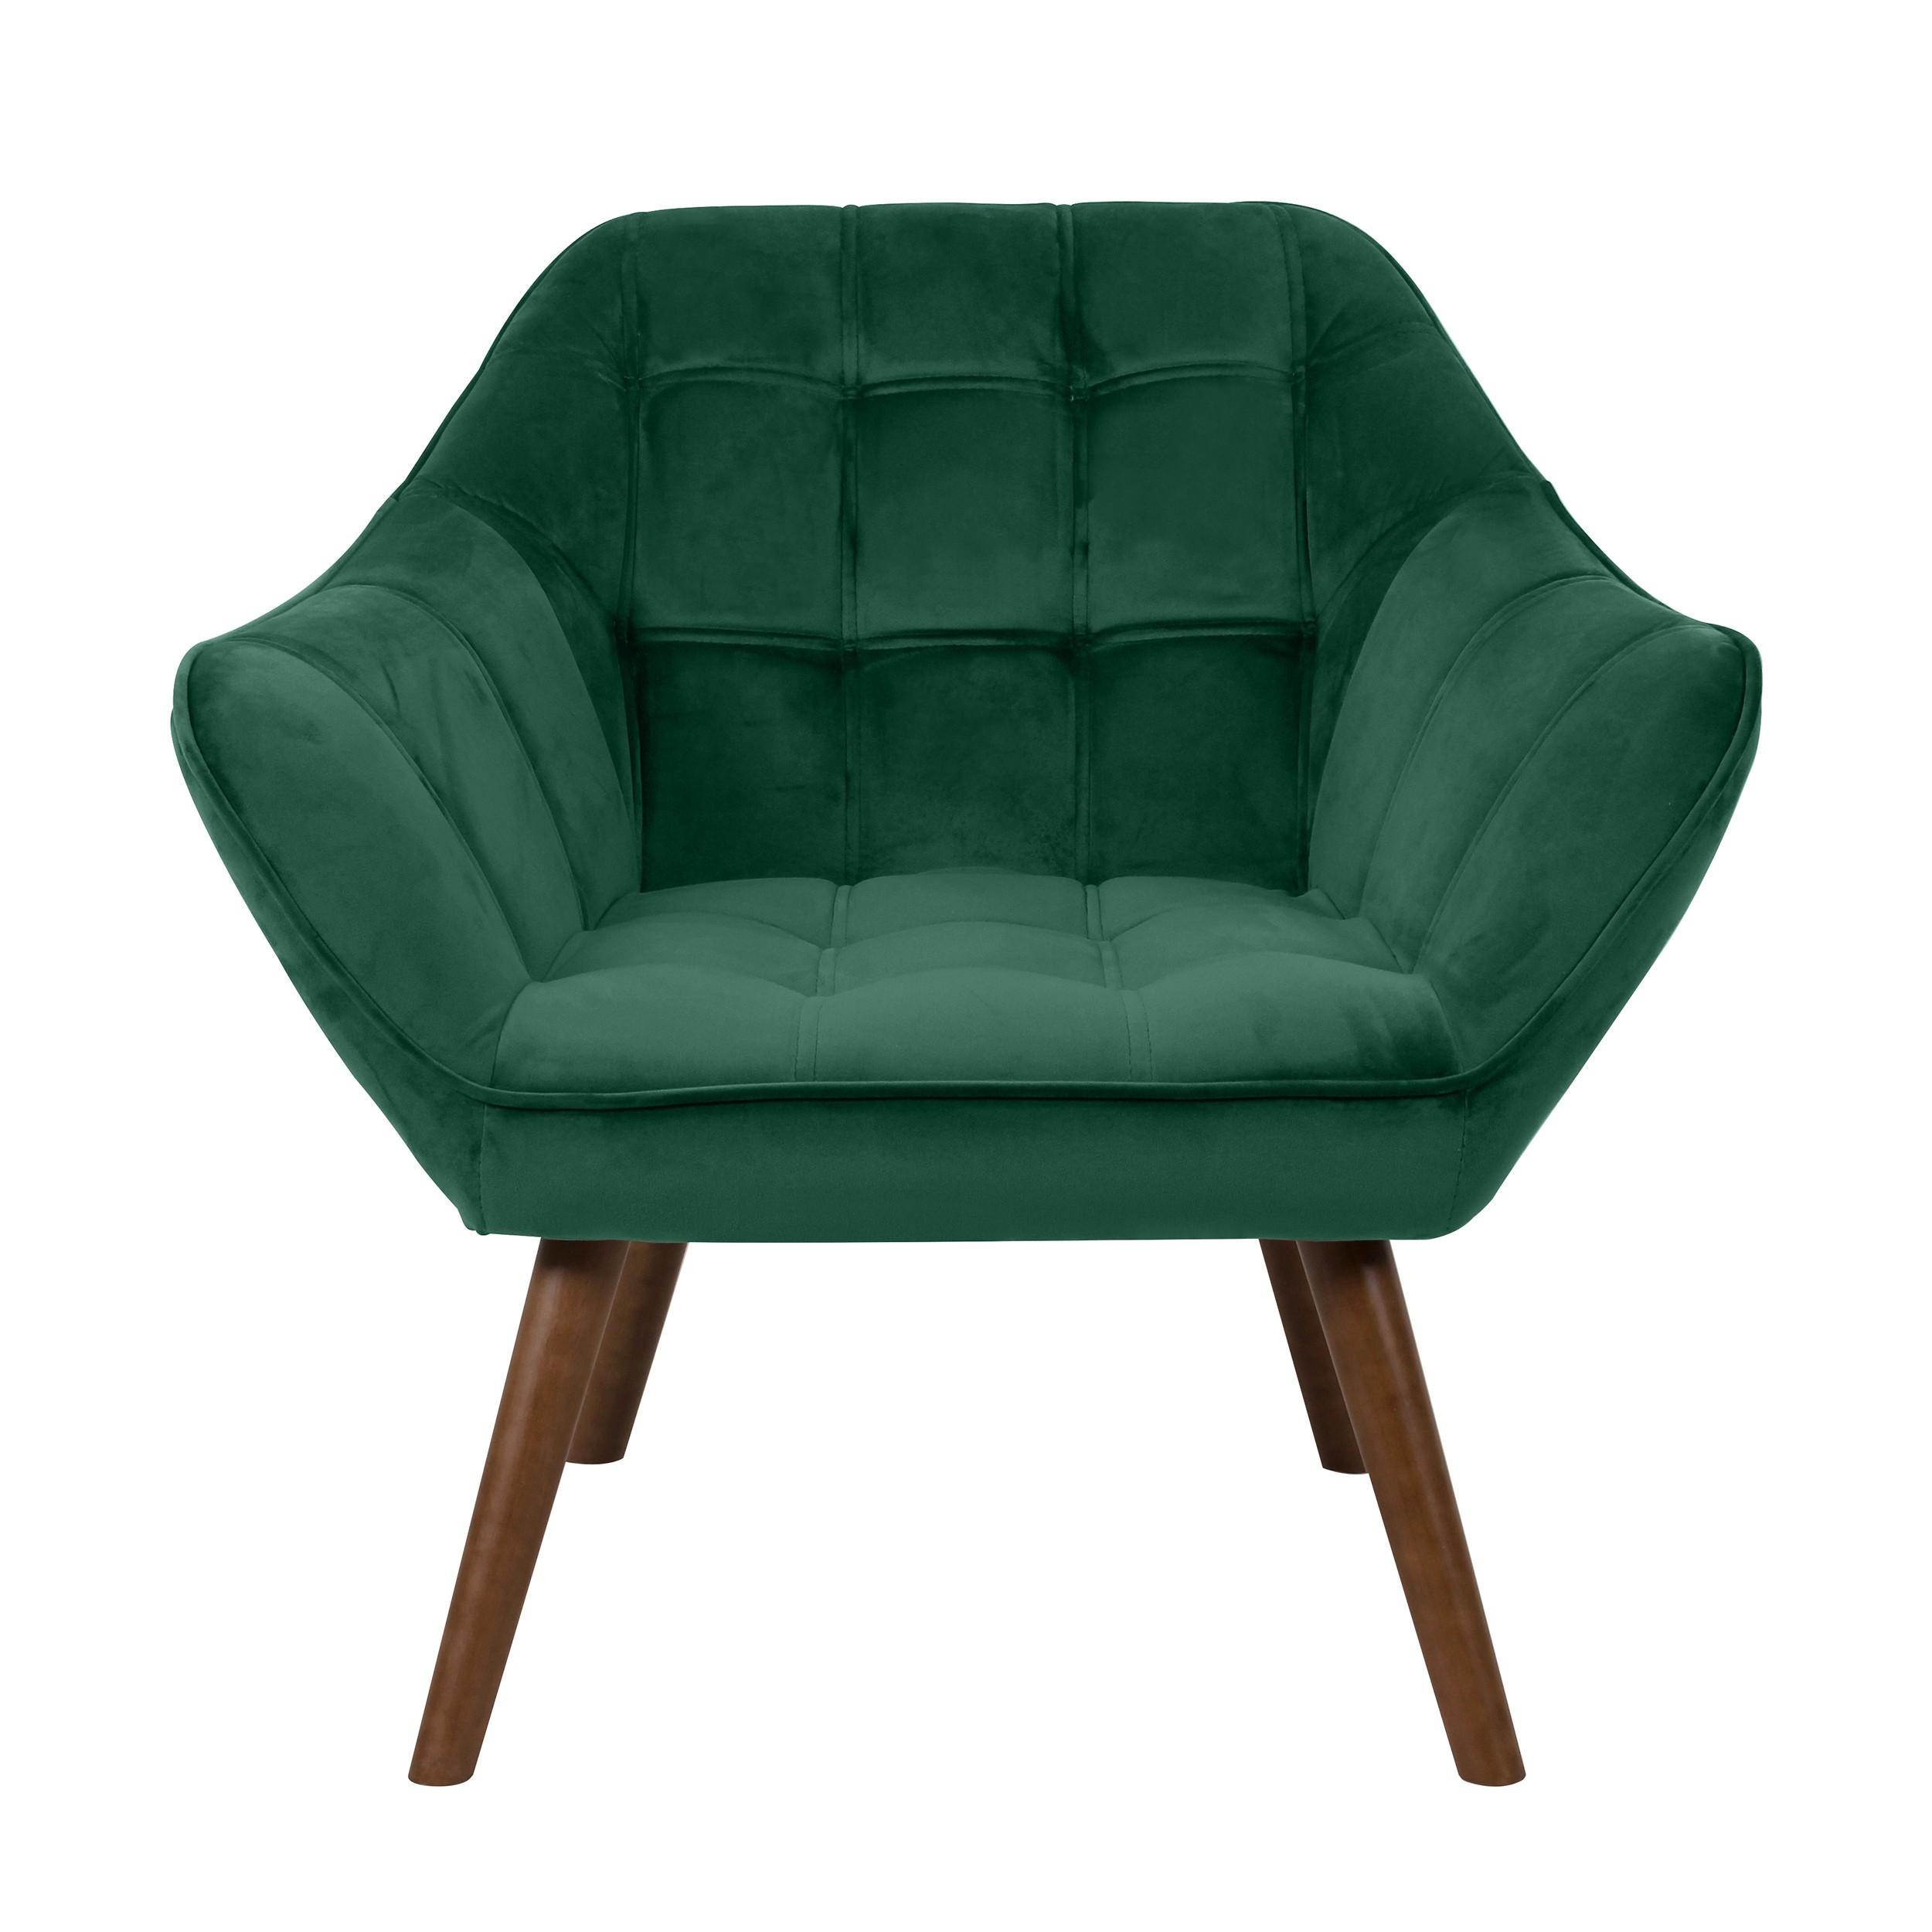 acheter fauteuil vert fonce velours